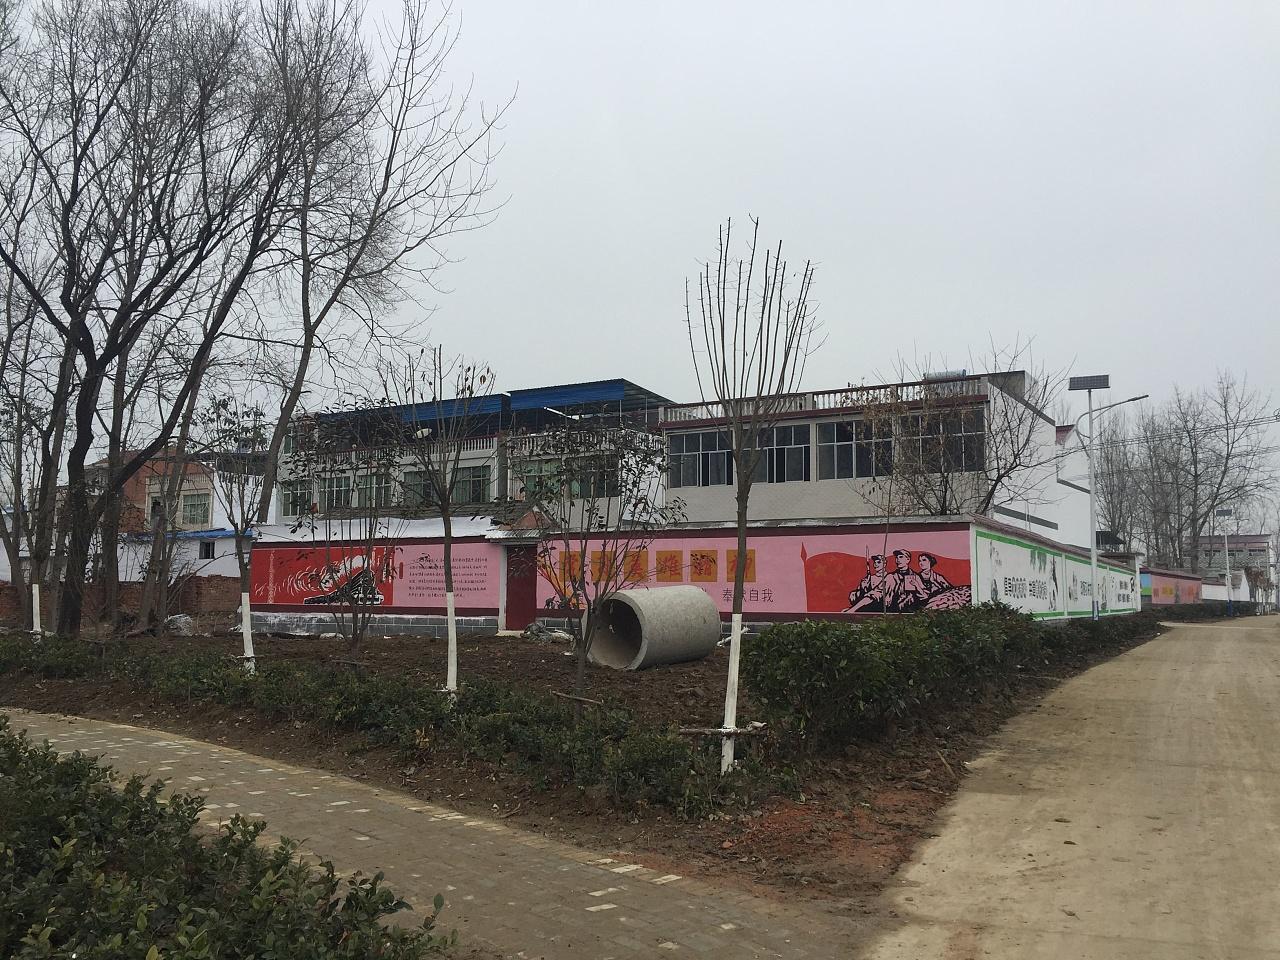 赣州墙体彩绘公司,赣州墙体彩绘手绘,赣州墙上绘画,赣州美丽乡村墙体彩绘